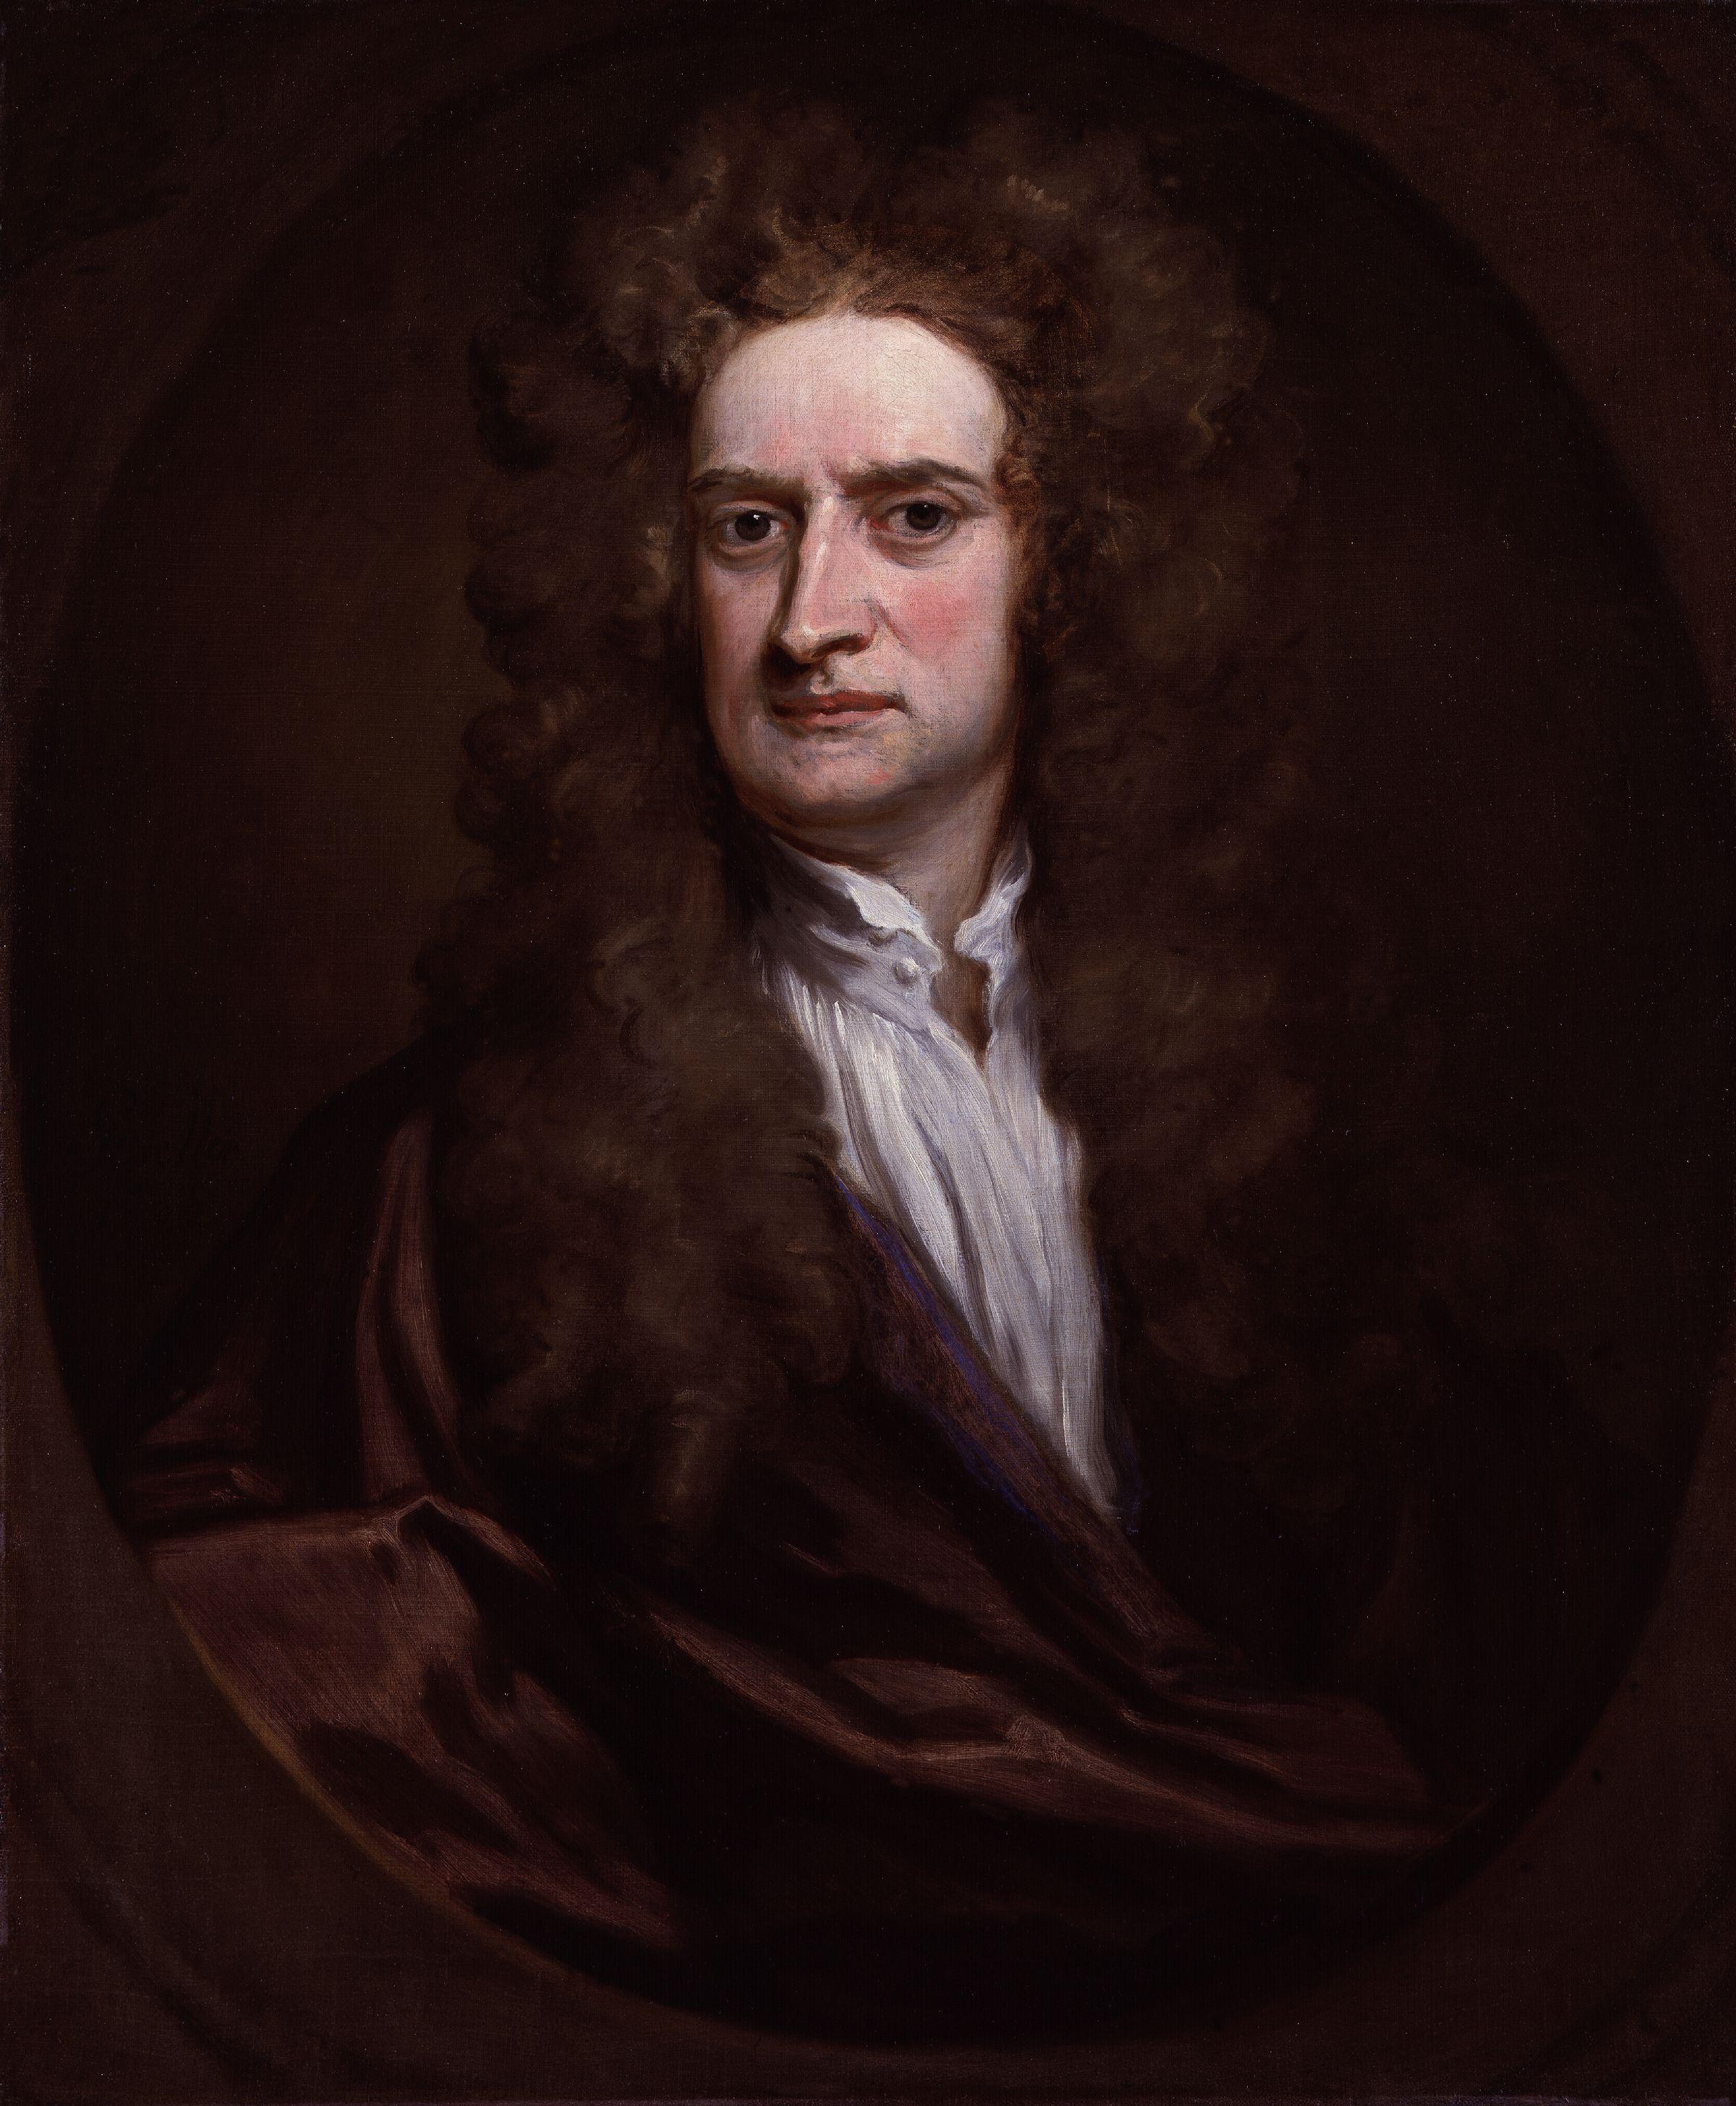 Isaac Newton biografía